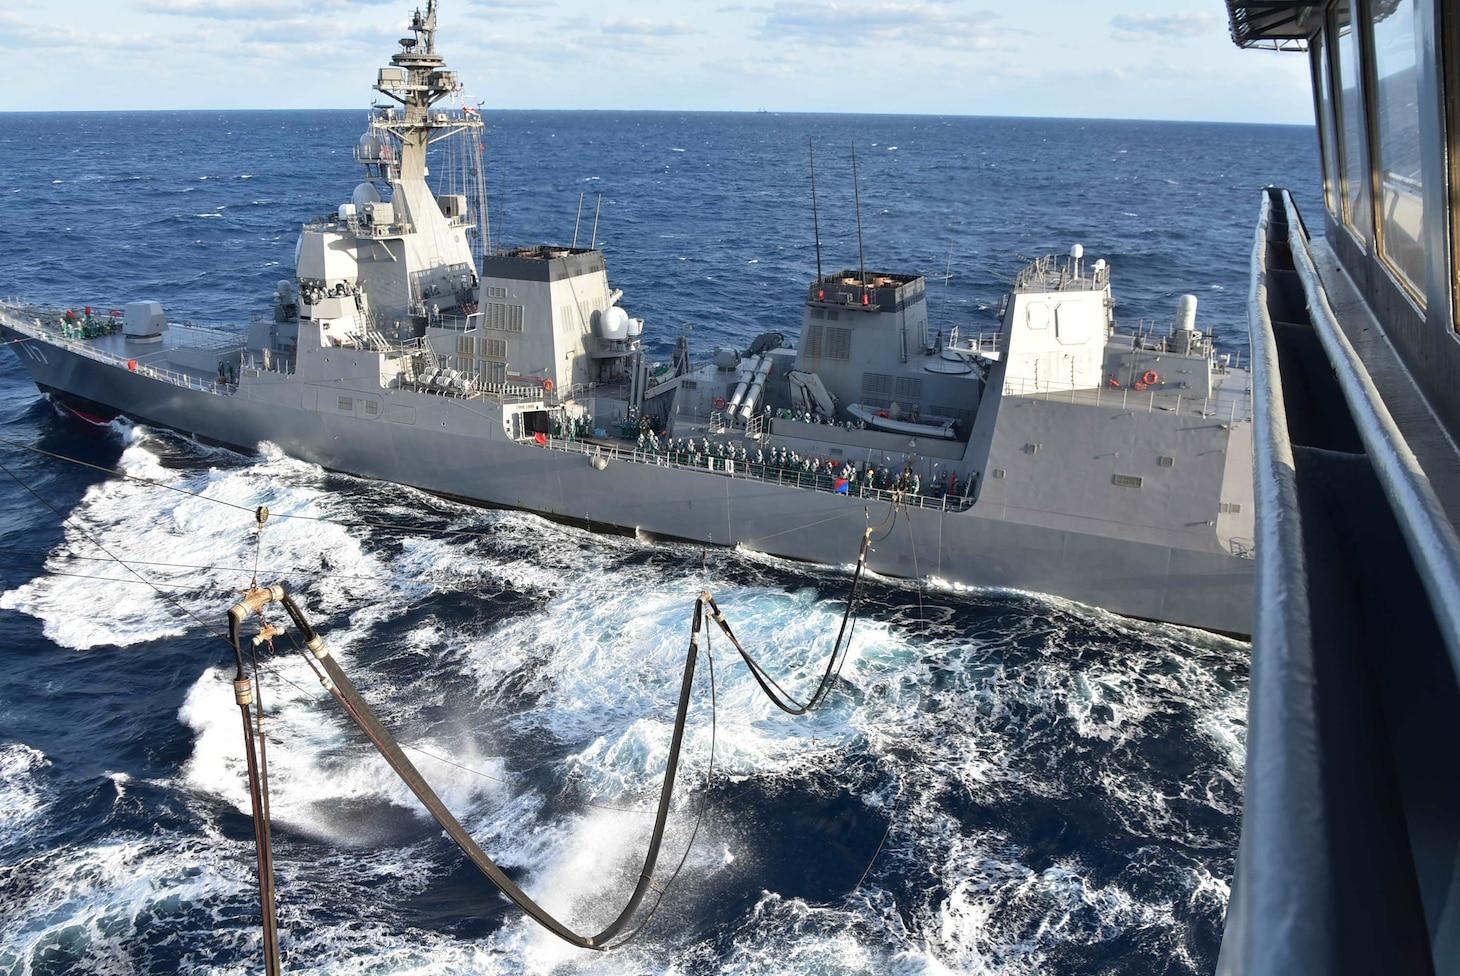 The Japan Maritime Self-Defense Force Akizuki-class destroyer JS Suzutsuki (DD 117) receives fuel from the U.S. Navy Military Sealift Command Henry J. Kaiser-class fleet replenishment oiler USNS Tippecanoe (T-AO 199) during Keen Sword.